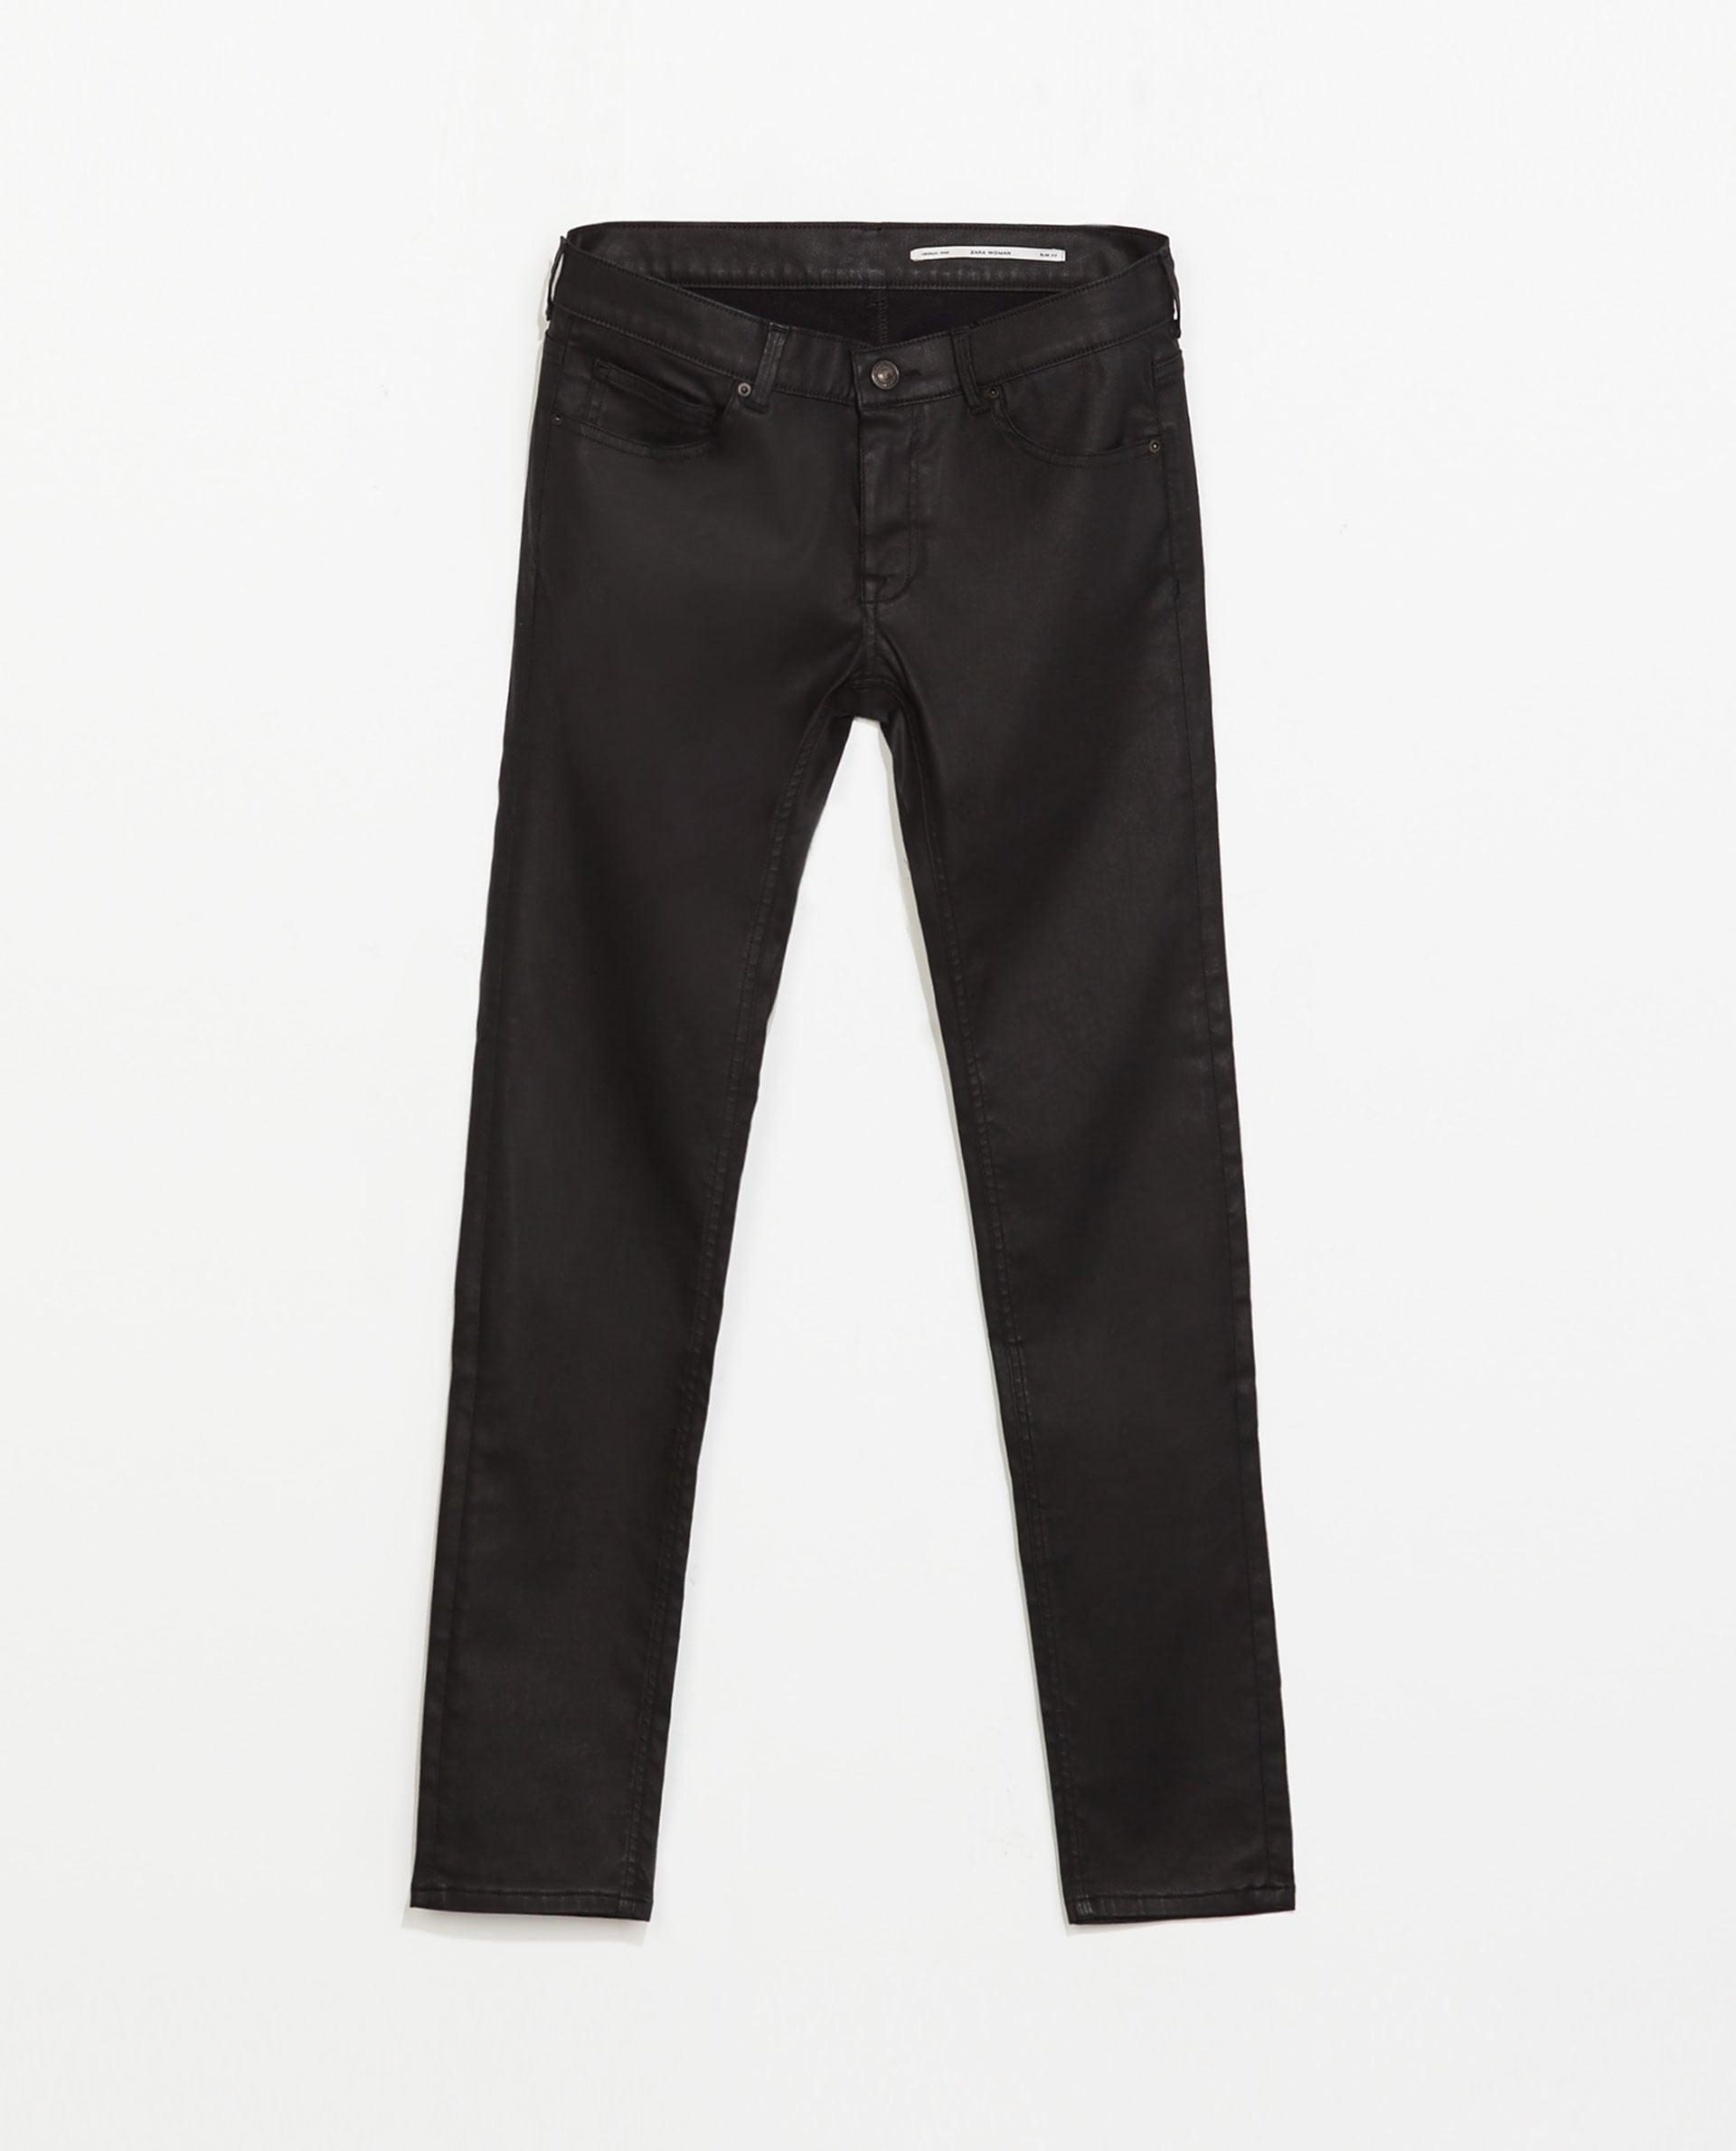 Zara coated trousers ($70)